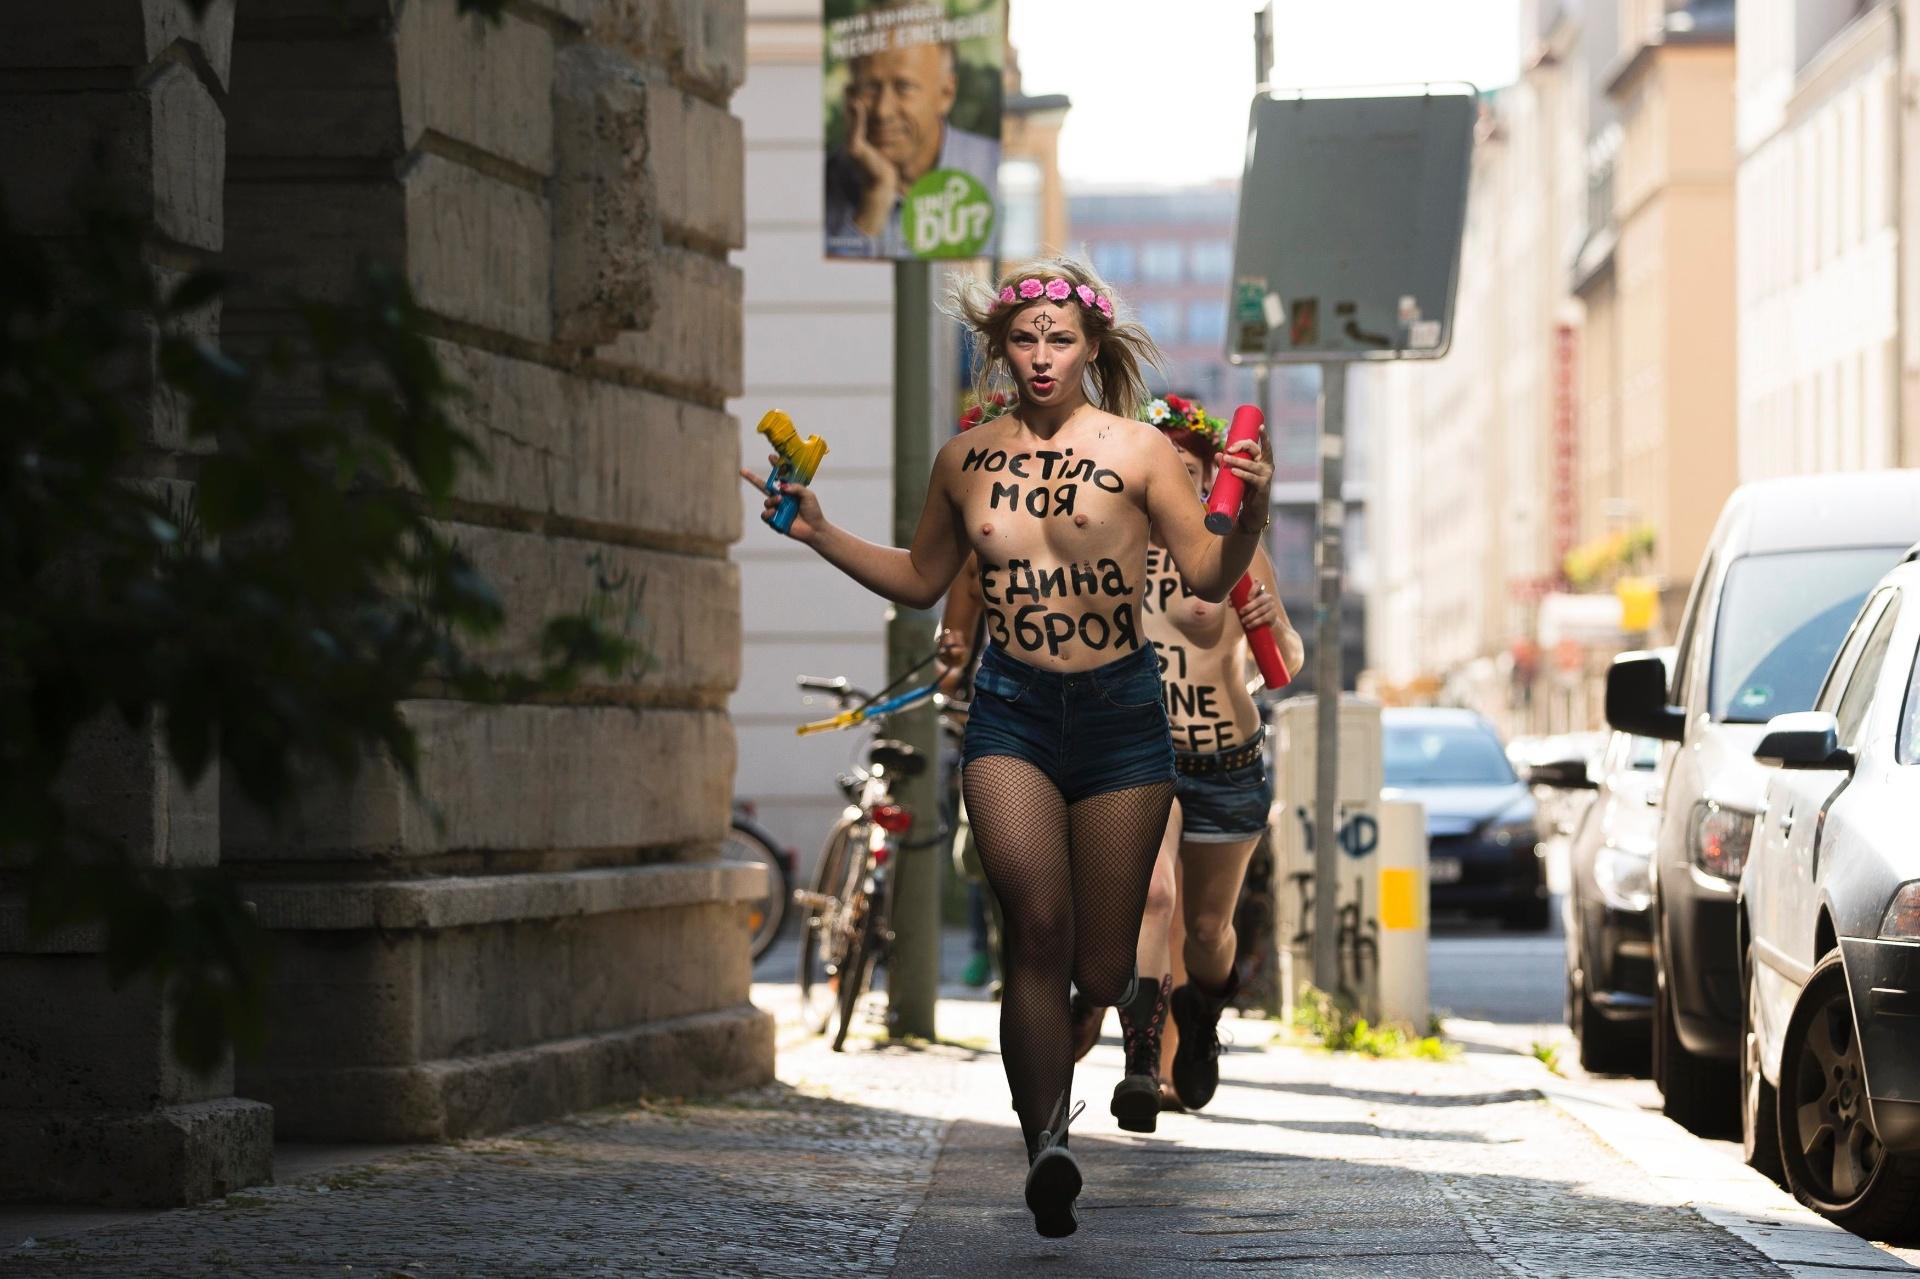 29.ago.2013 - Ativistas do Femen - movimento feminista conhecido por suas performances de topless - protestam seminuas contra o que elas chamam de ditadura e repressão política contra membros do grupo na Ucrânia, em frente à embaixada do país em Berlim, na Alemanha. A frase no corpo delas diz: